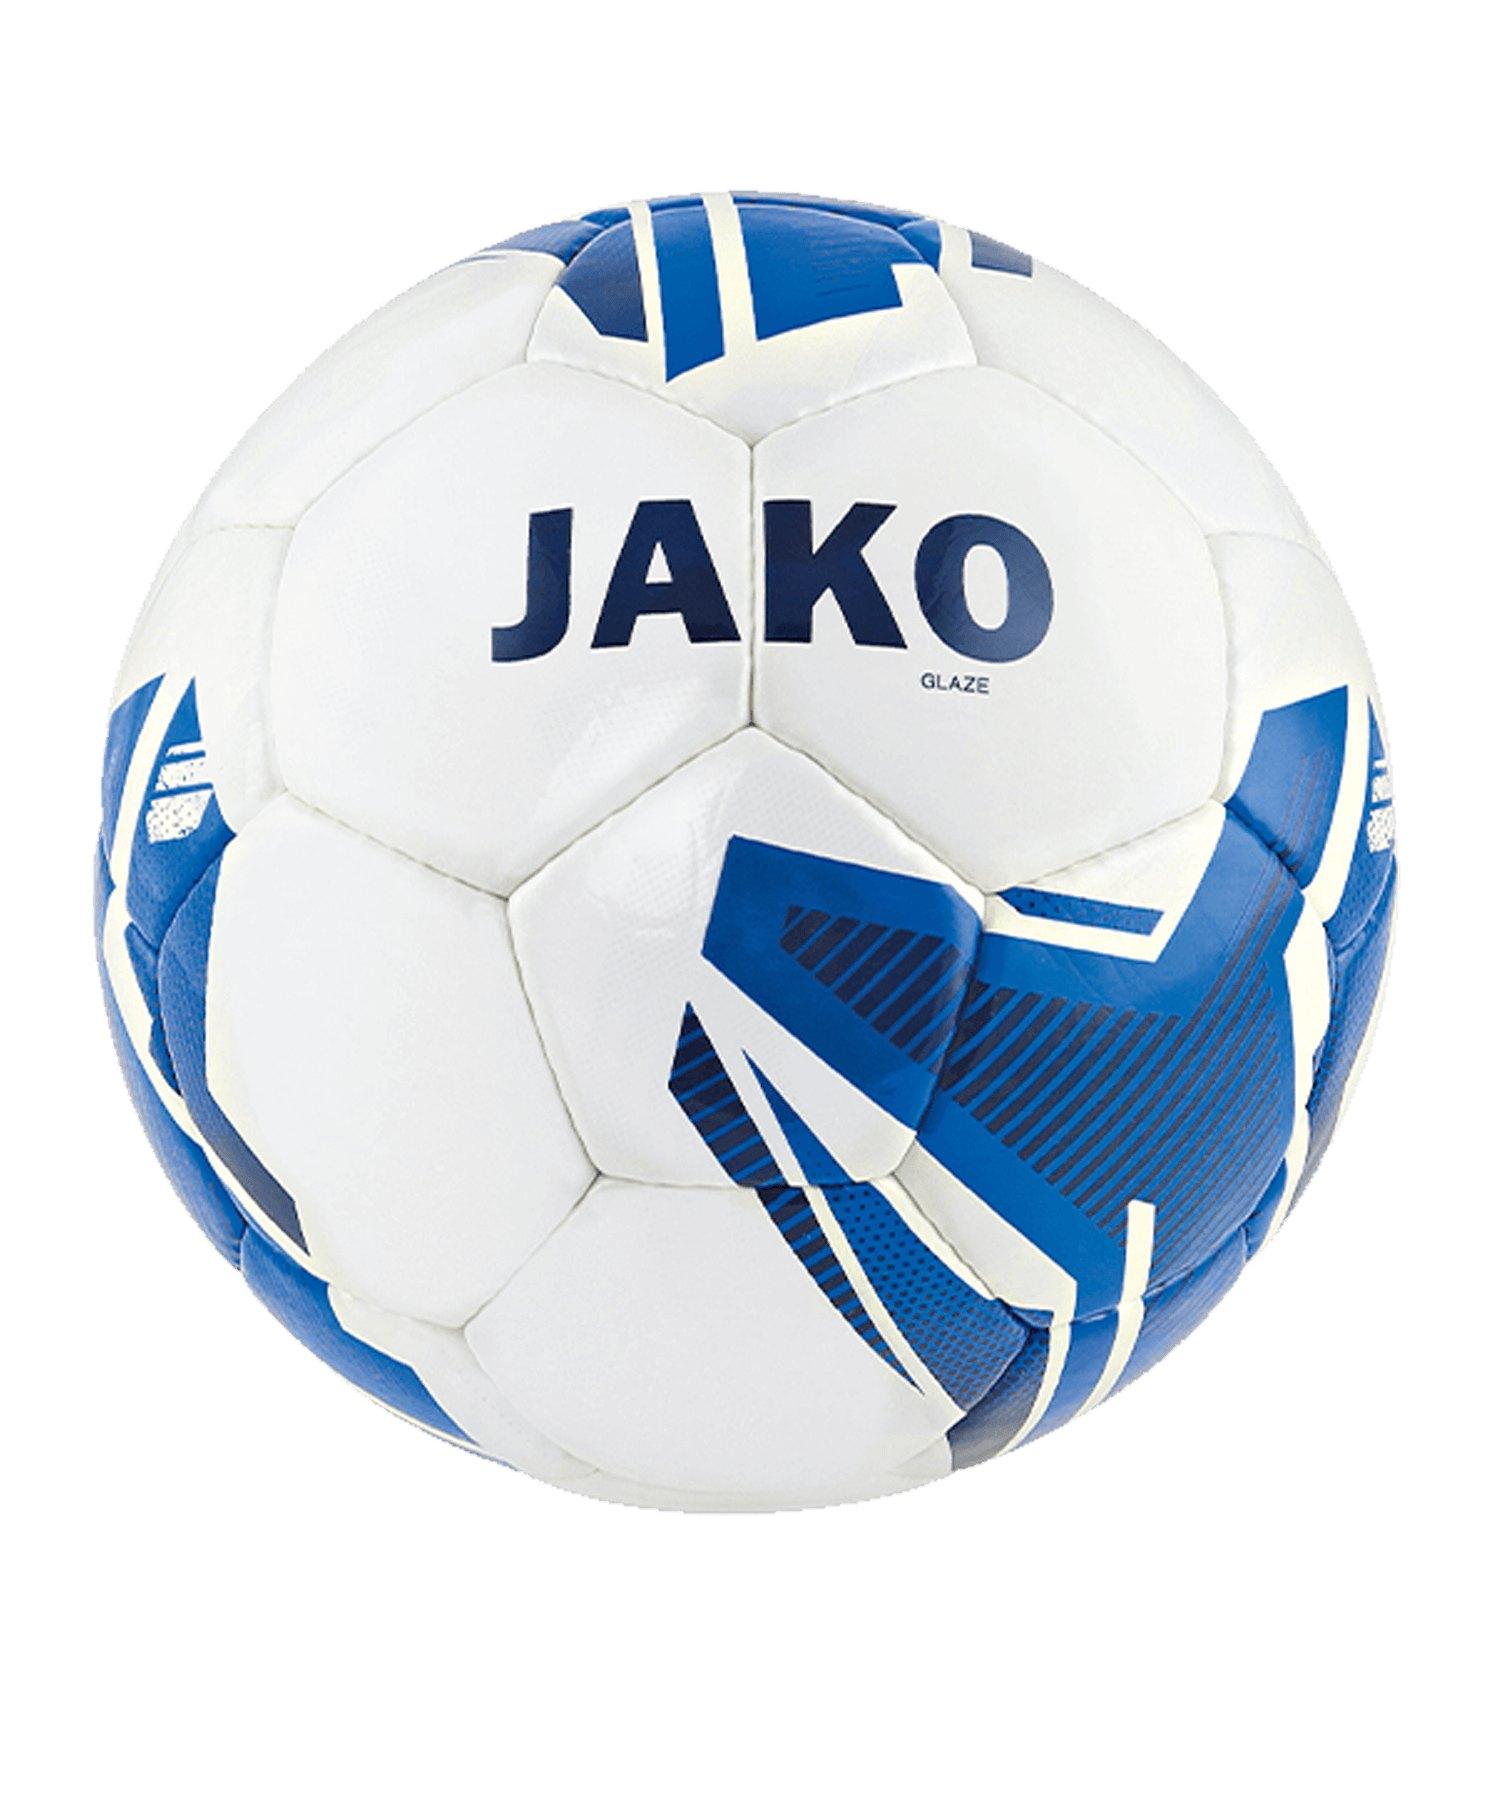 JAKO Glaze Lightball 350 Gramm Gr. 4 Weiss F02 - weiss